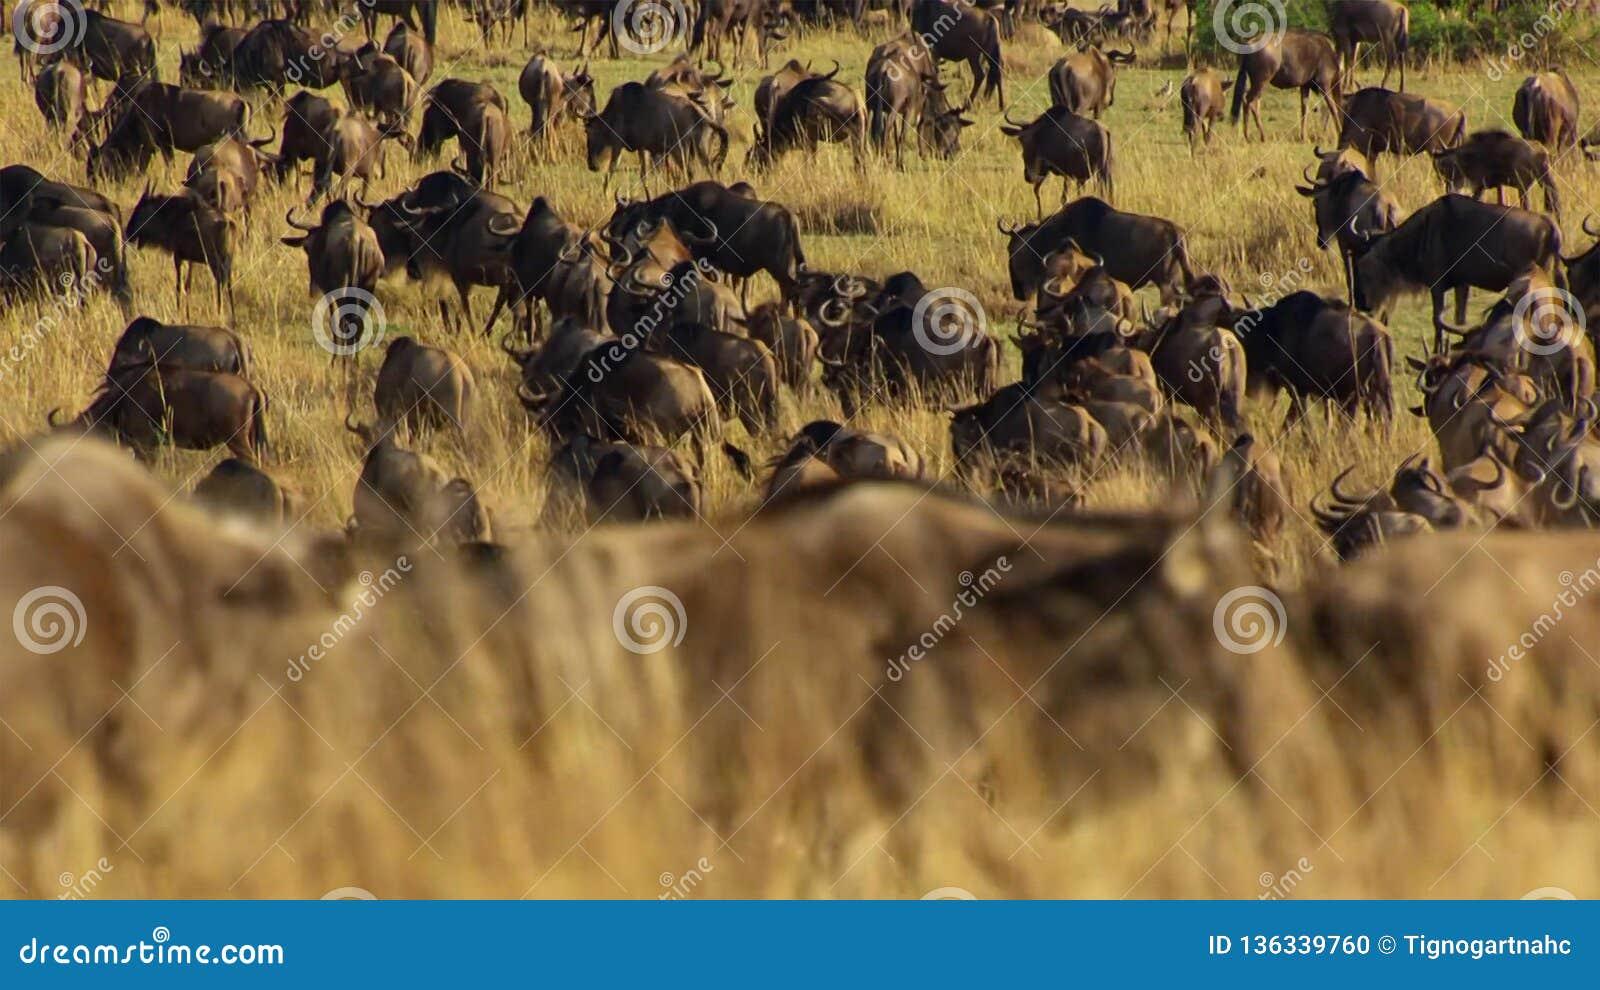 Pora sucha bierze chwyt Unikać głodzenie, dużo wildebeest wędrówka wschodnia afrykańska sawanna goni deszcz